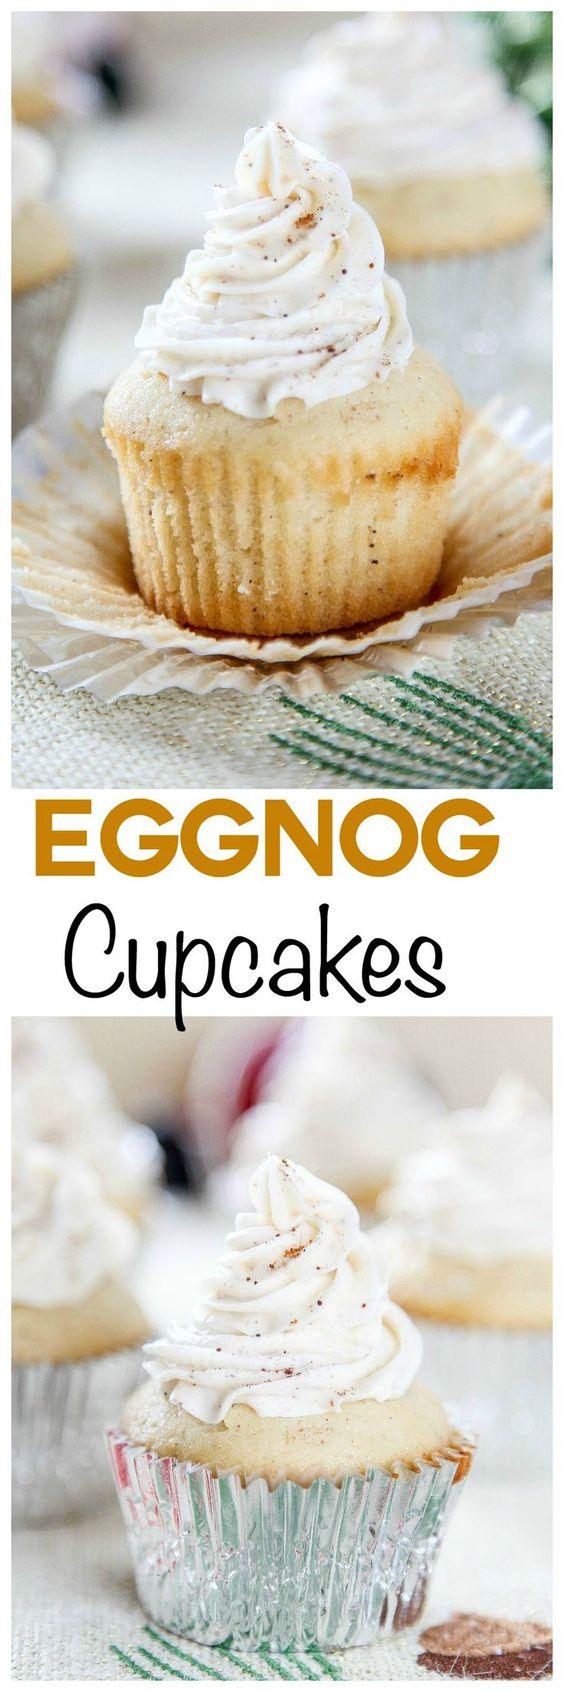 Eggnog Cupcakes:Moist eggnog cupcakes topped with a decadent eggnog ...